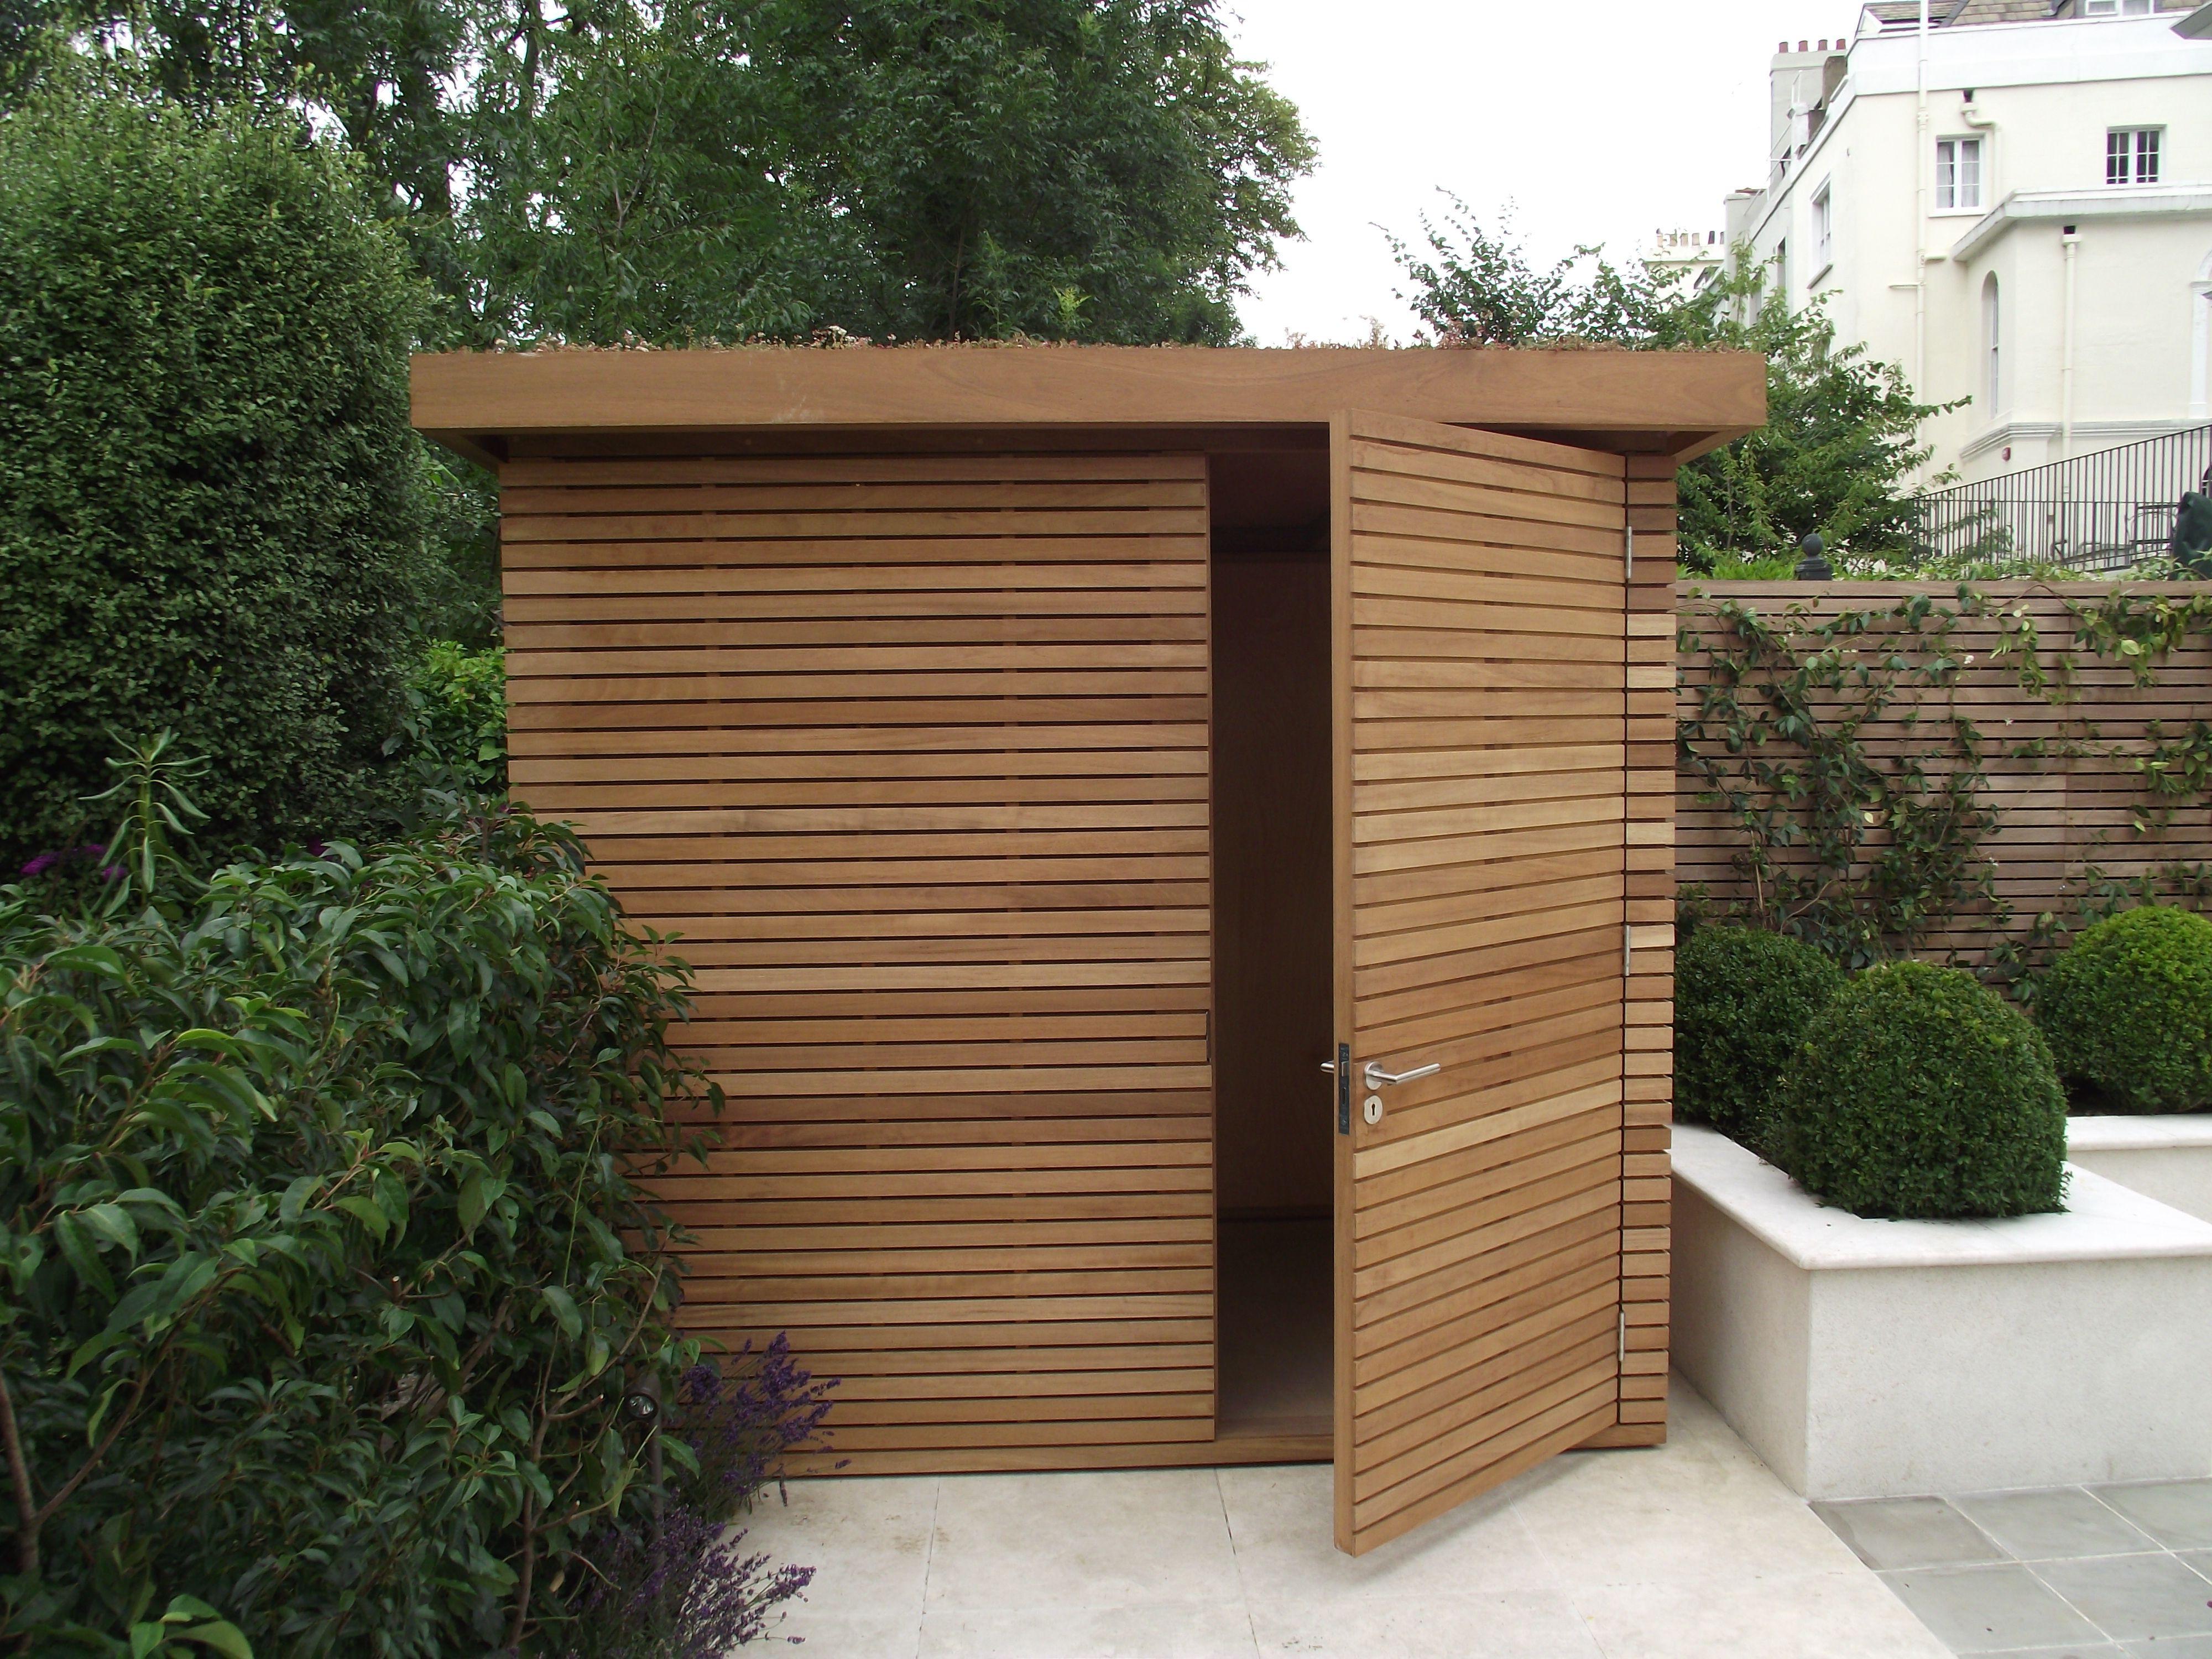 Chalet Leroy Merlin Luxe Images Plan Chalet De Jardin Plus Moderne Abri De Jardin Bois Decor Home